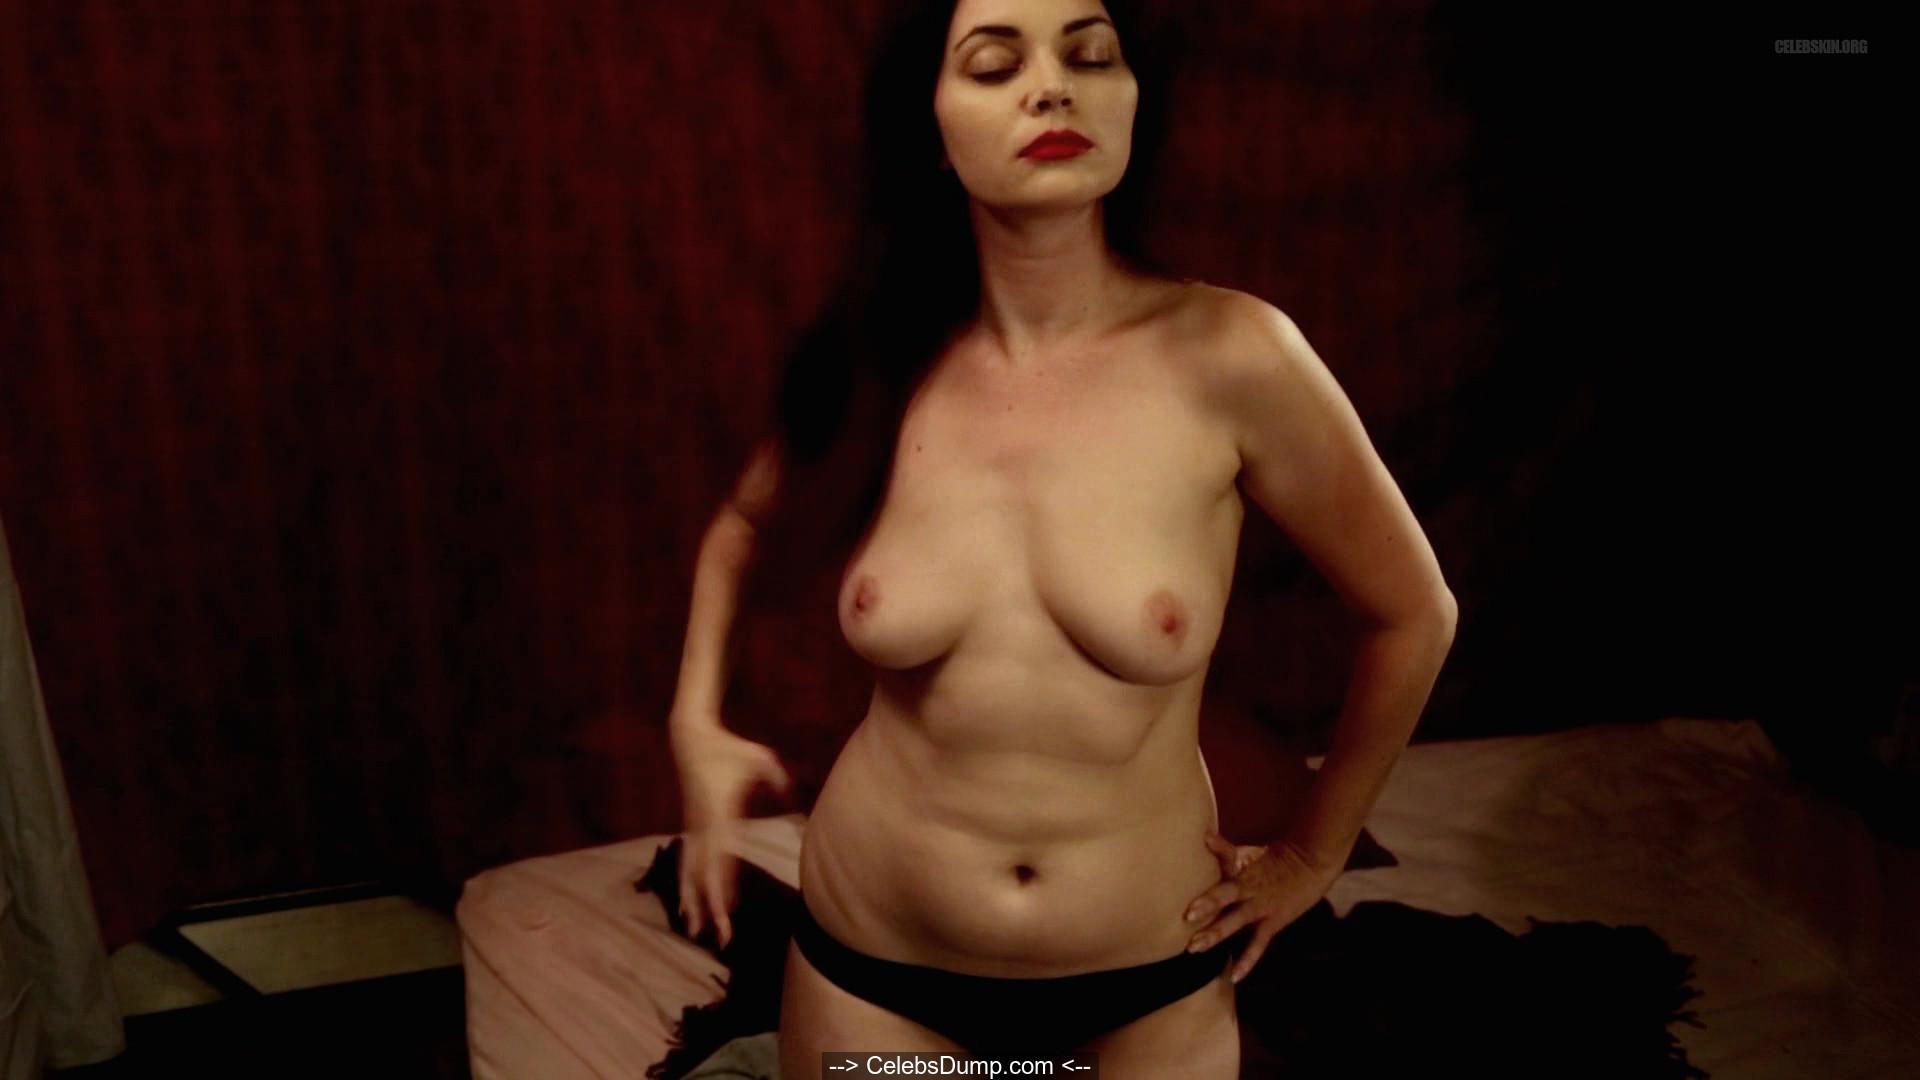 Elyssa young nude aka erin